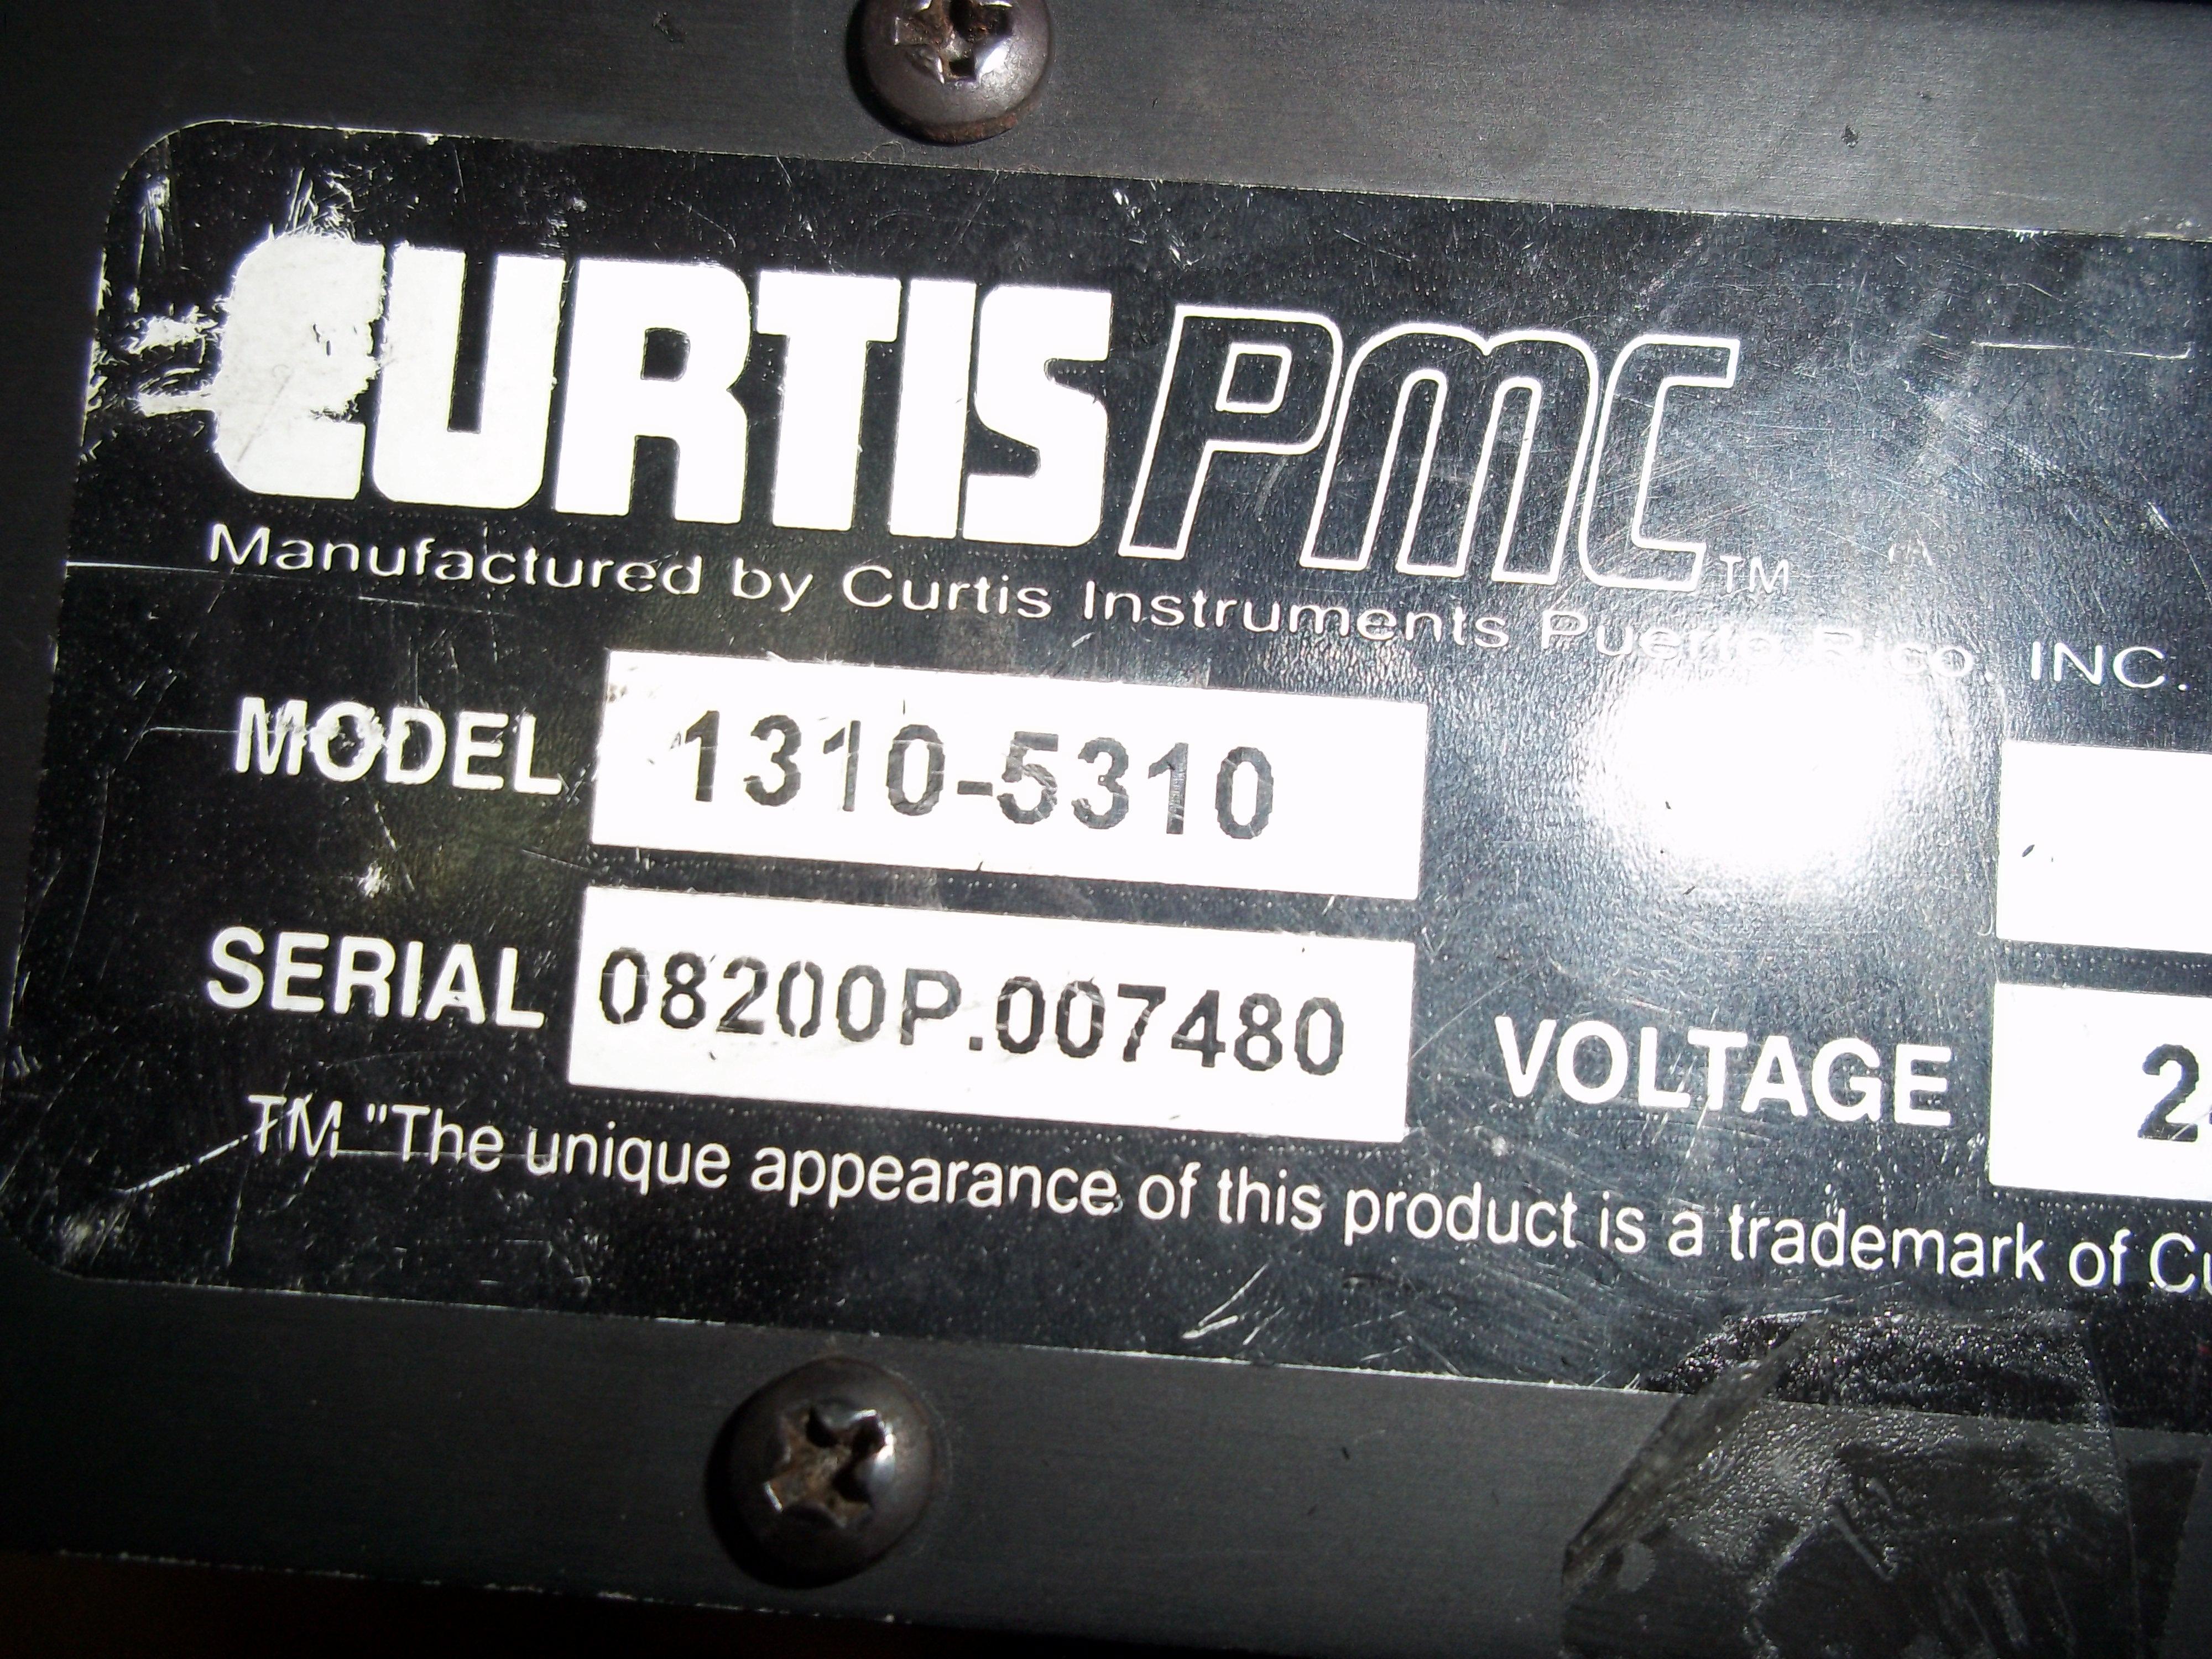 Repair 1310-5310 CURTIS  CURTIS PMC in Malaysia, Singapore, Thailand, Indonesia